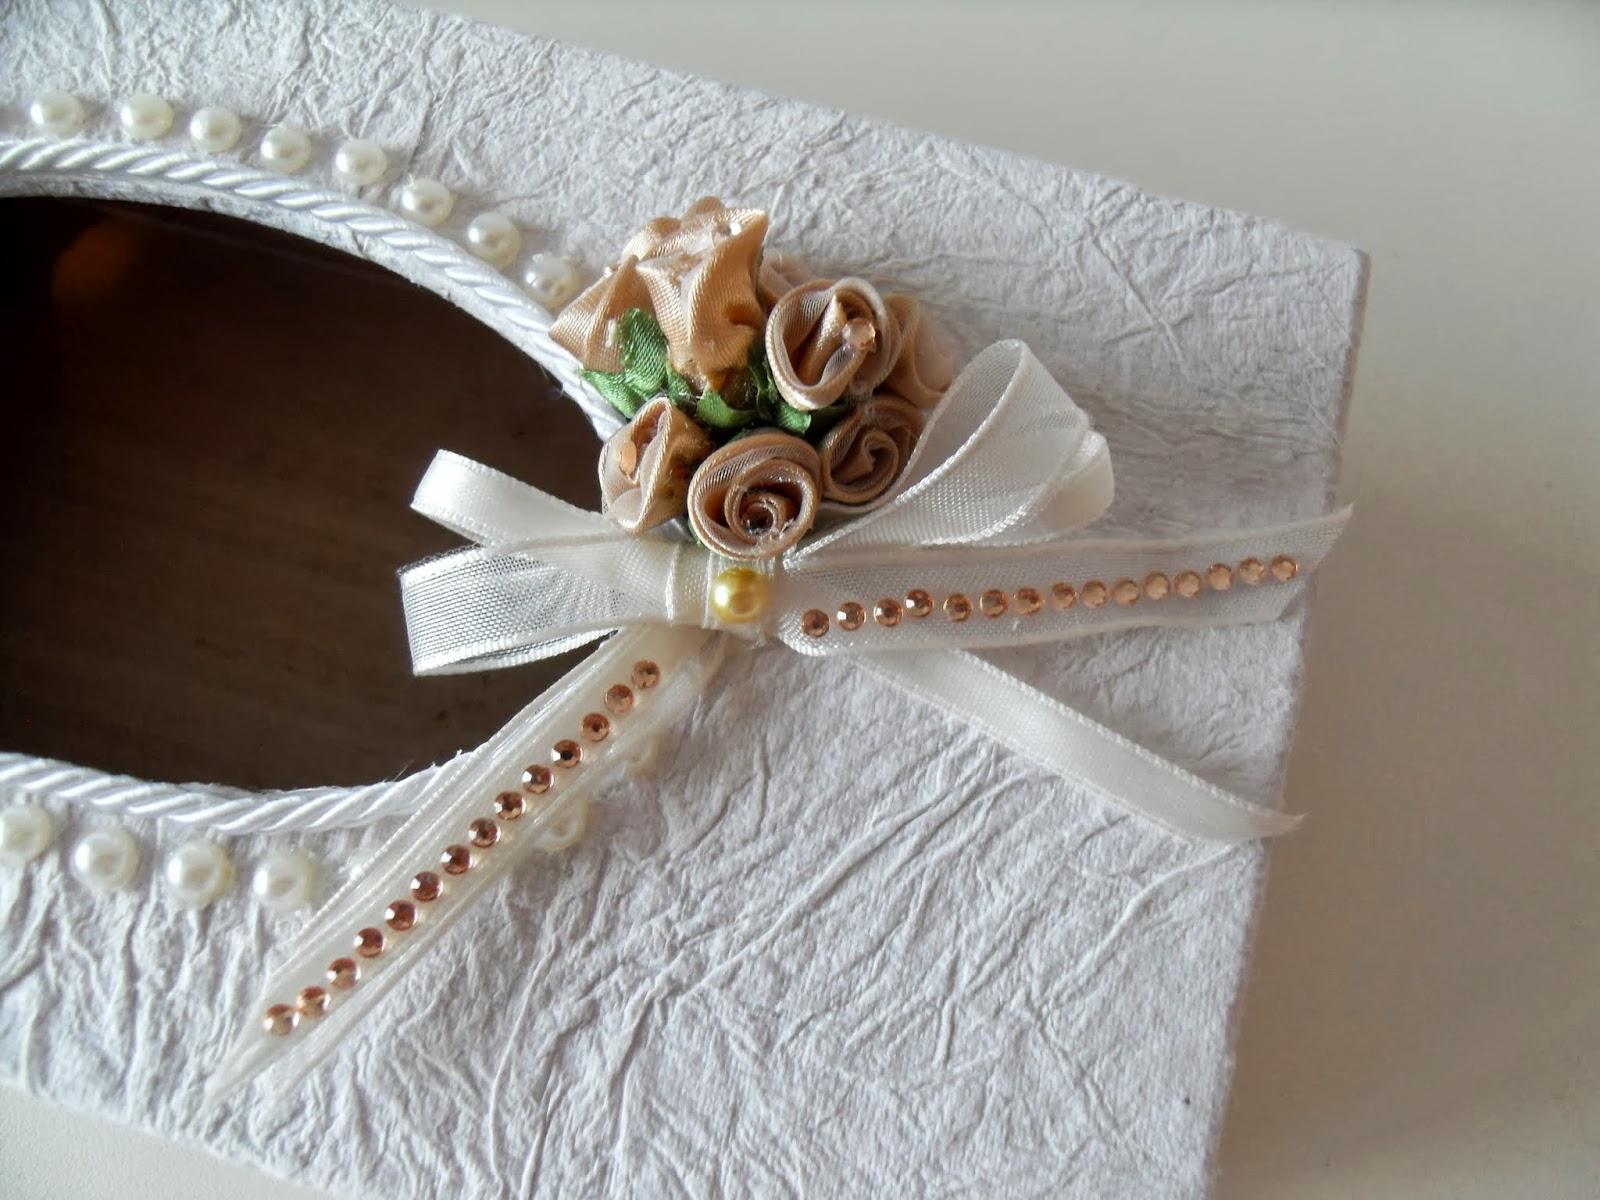 Lumaca matta handmade with love scatola porta fazzoletti for Foderare una scatola